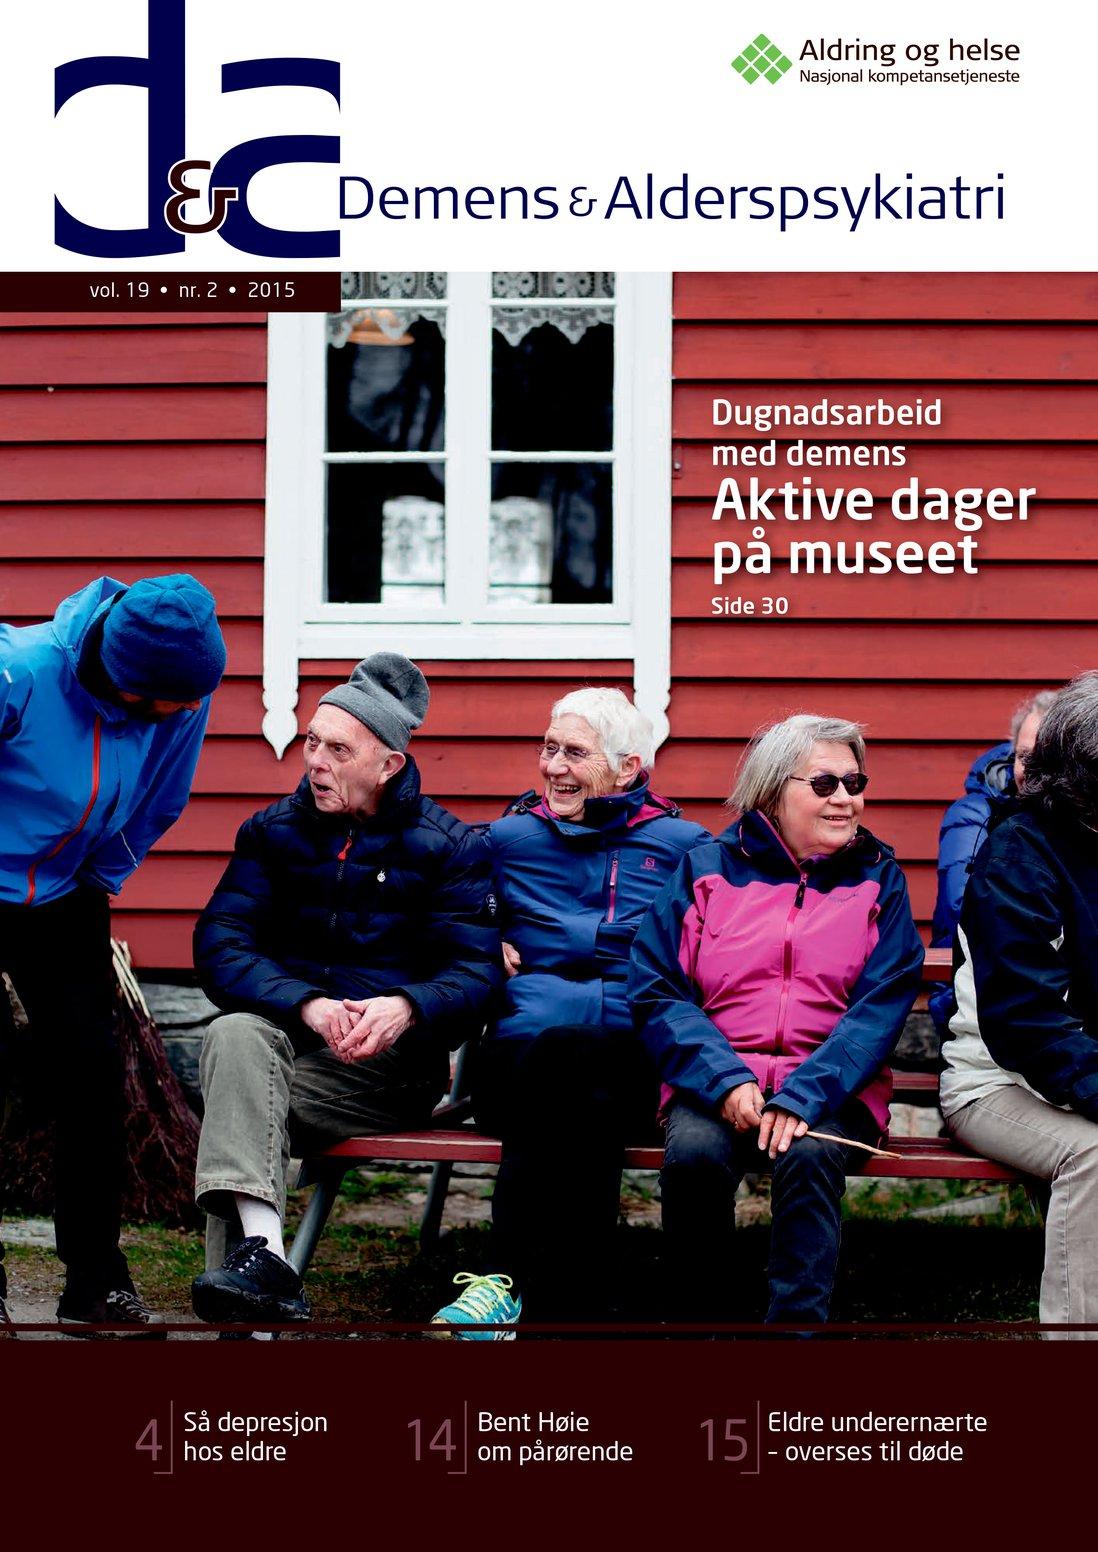 Forsiden av Demens & Alderspsykiatri 2015-2